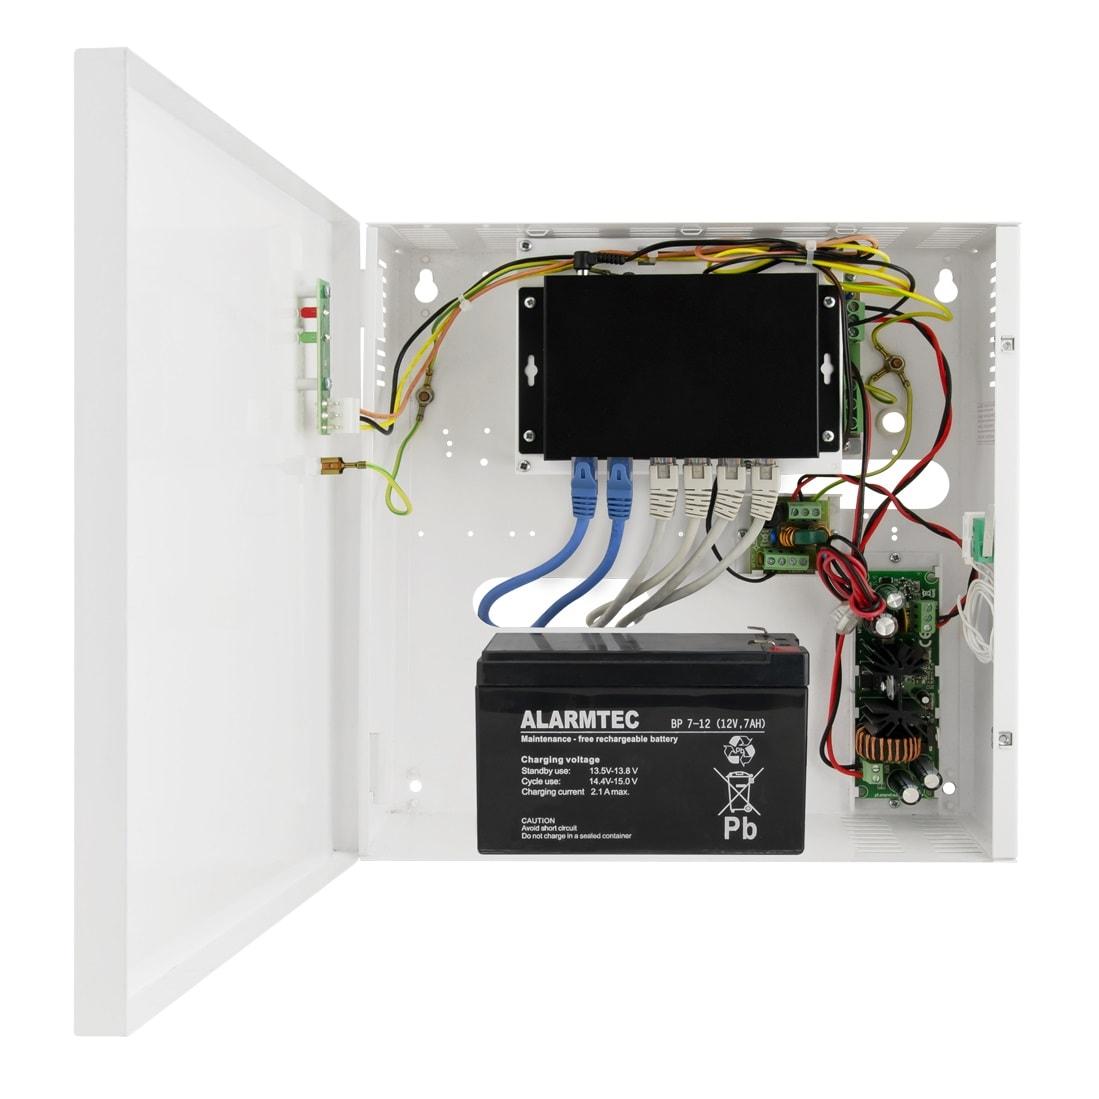 Przykładowe zastosowanie switcha PoE S64-B